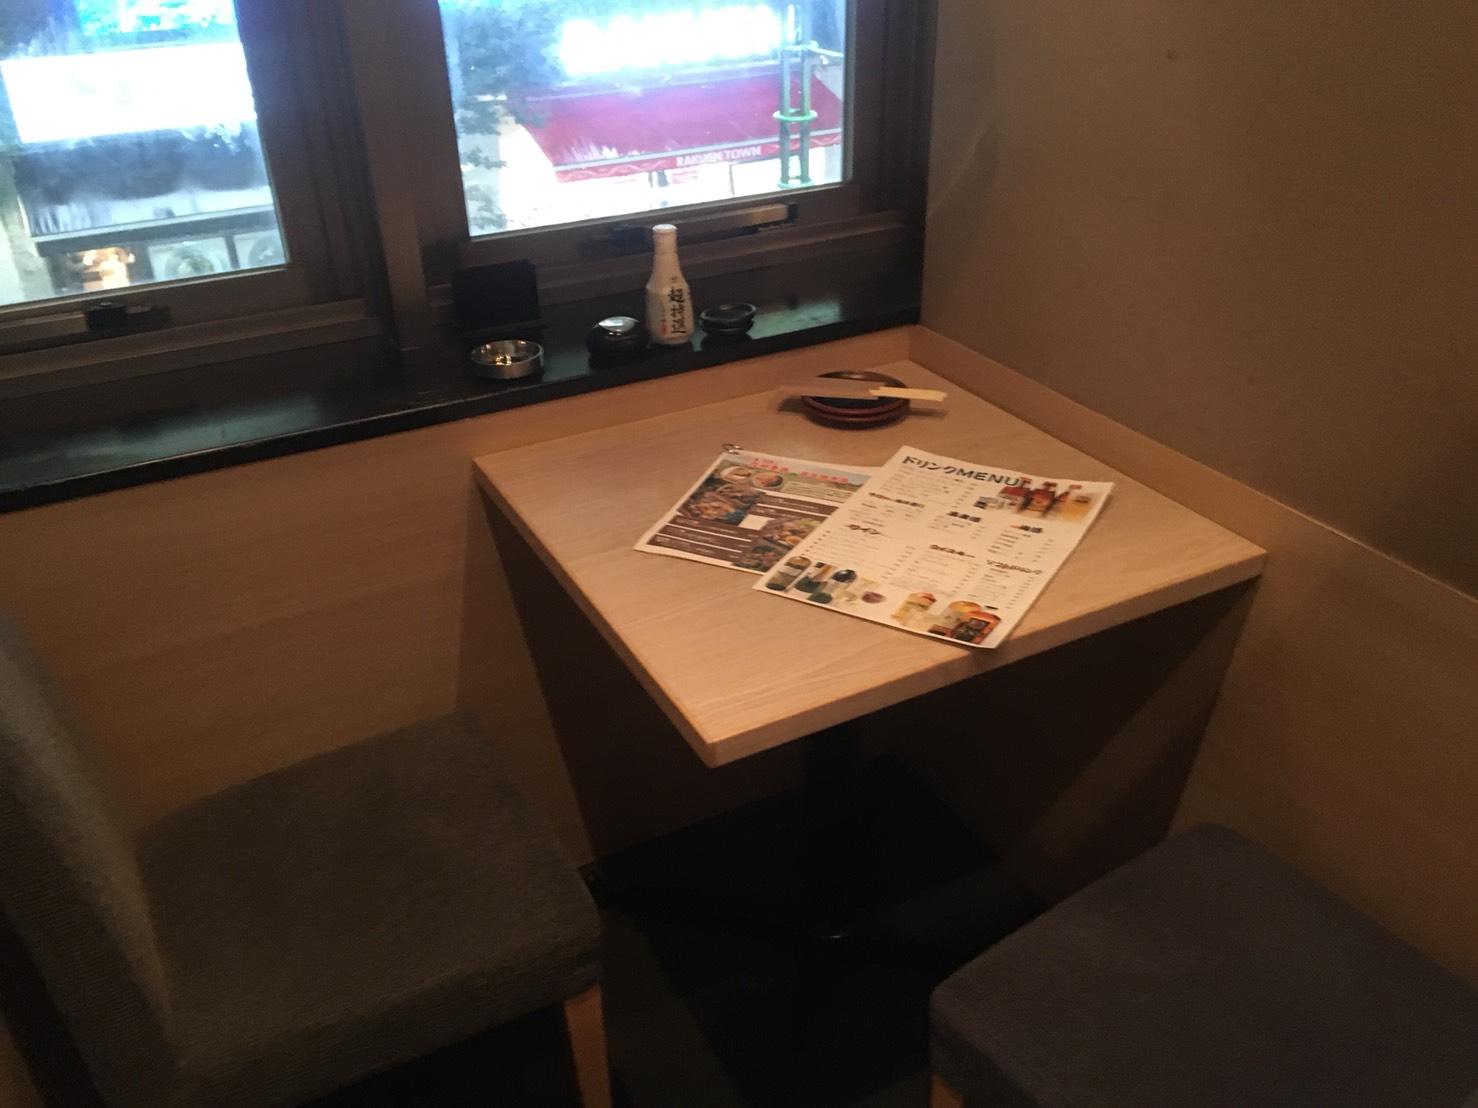 【池袋駅】落ち着いた少人数個室が使いやすい!九州料理もクオリティ高めの「TORI魚 池袋本店」の個室1